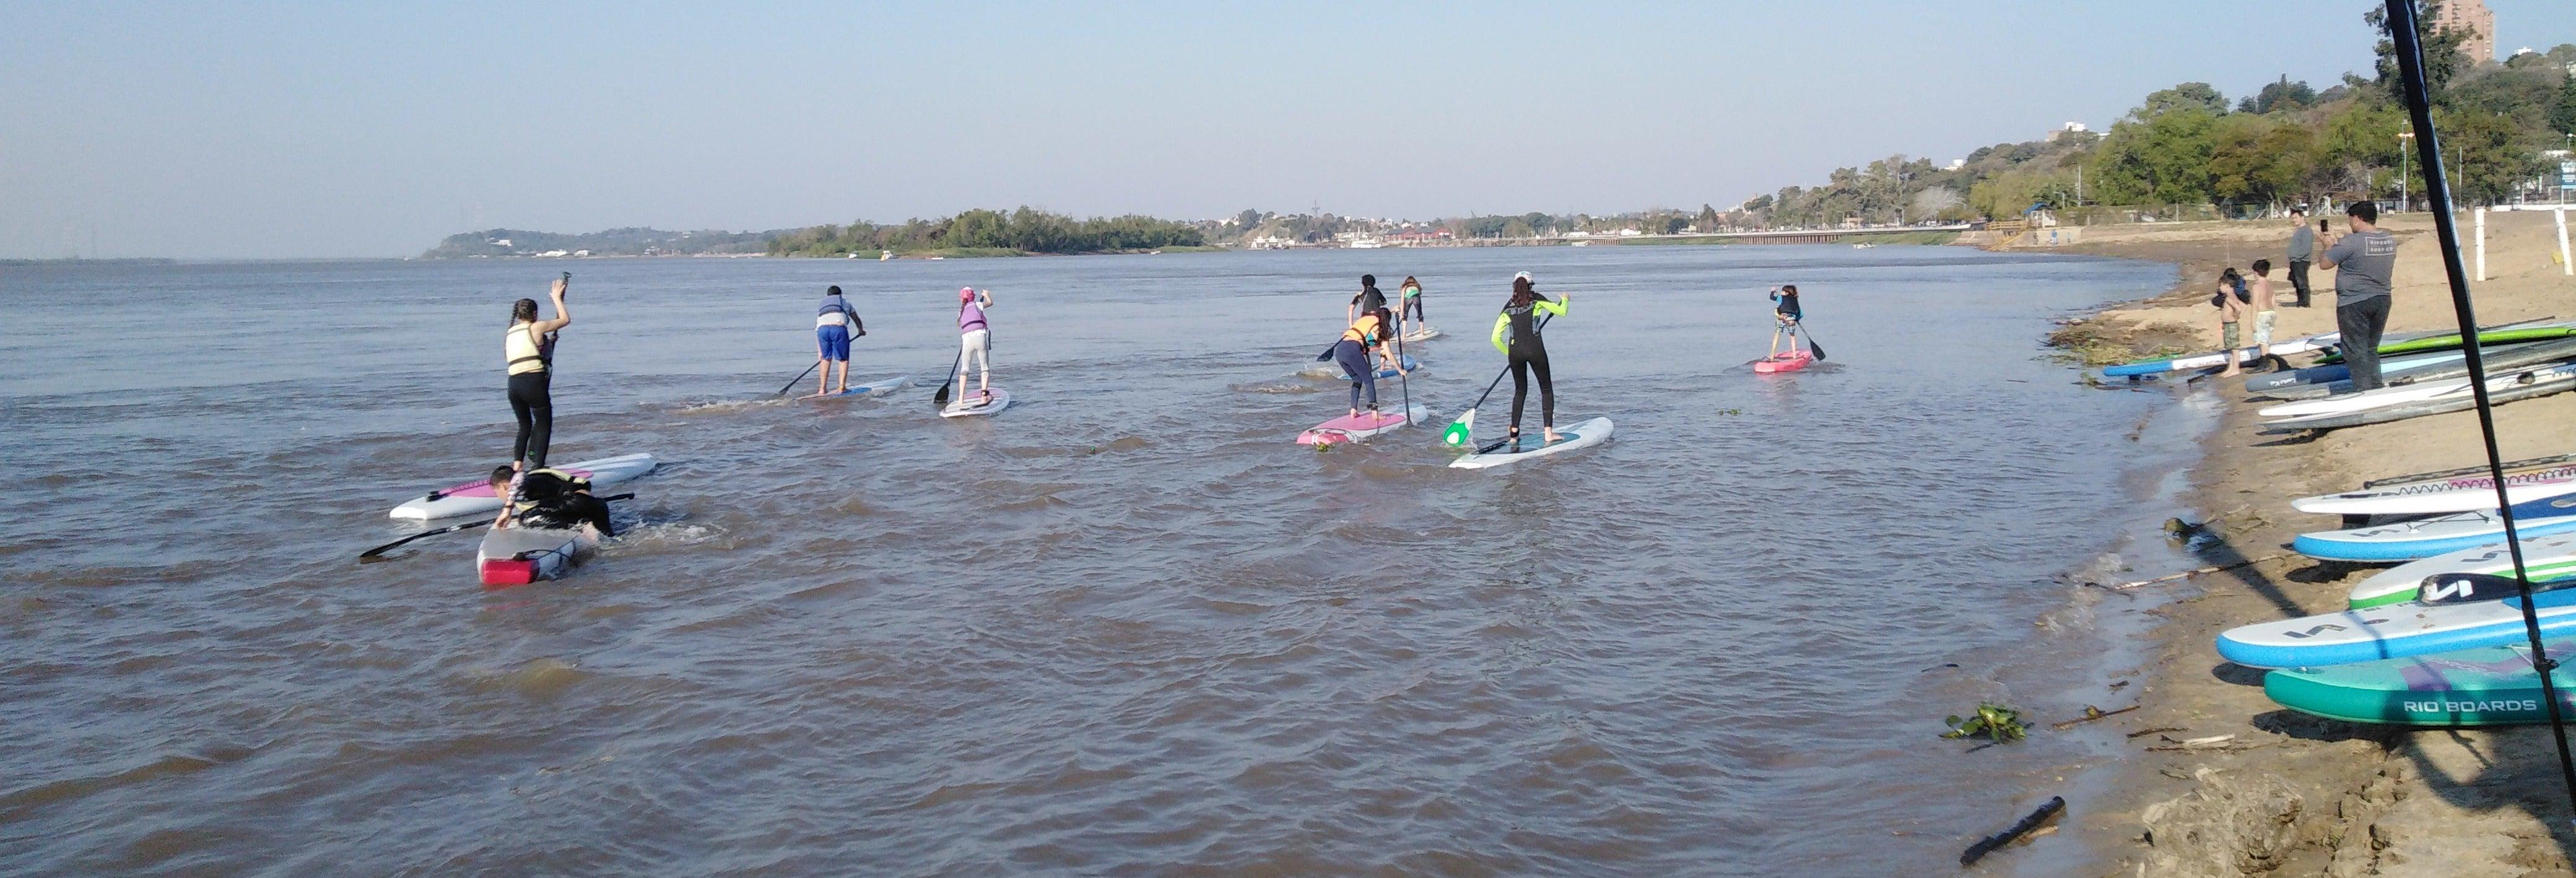 Curso de paddle surf en el Dique Punta Negra